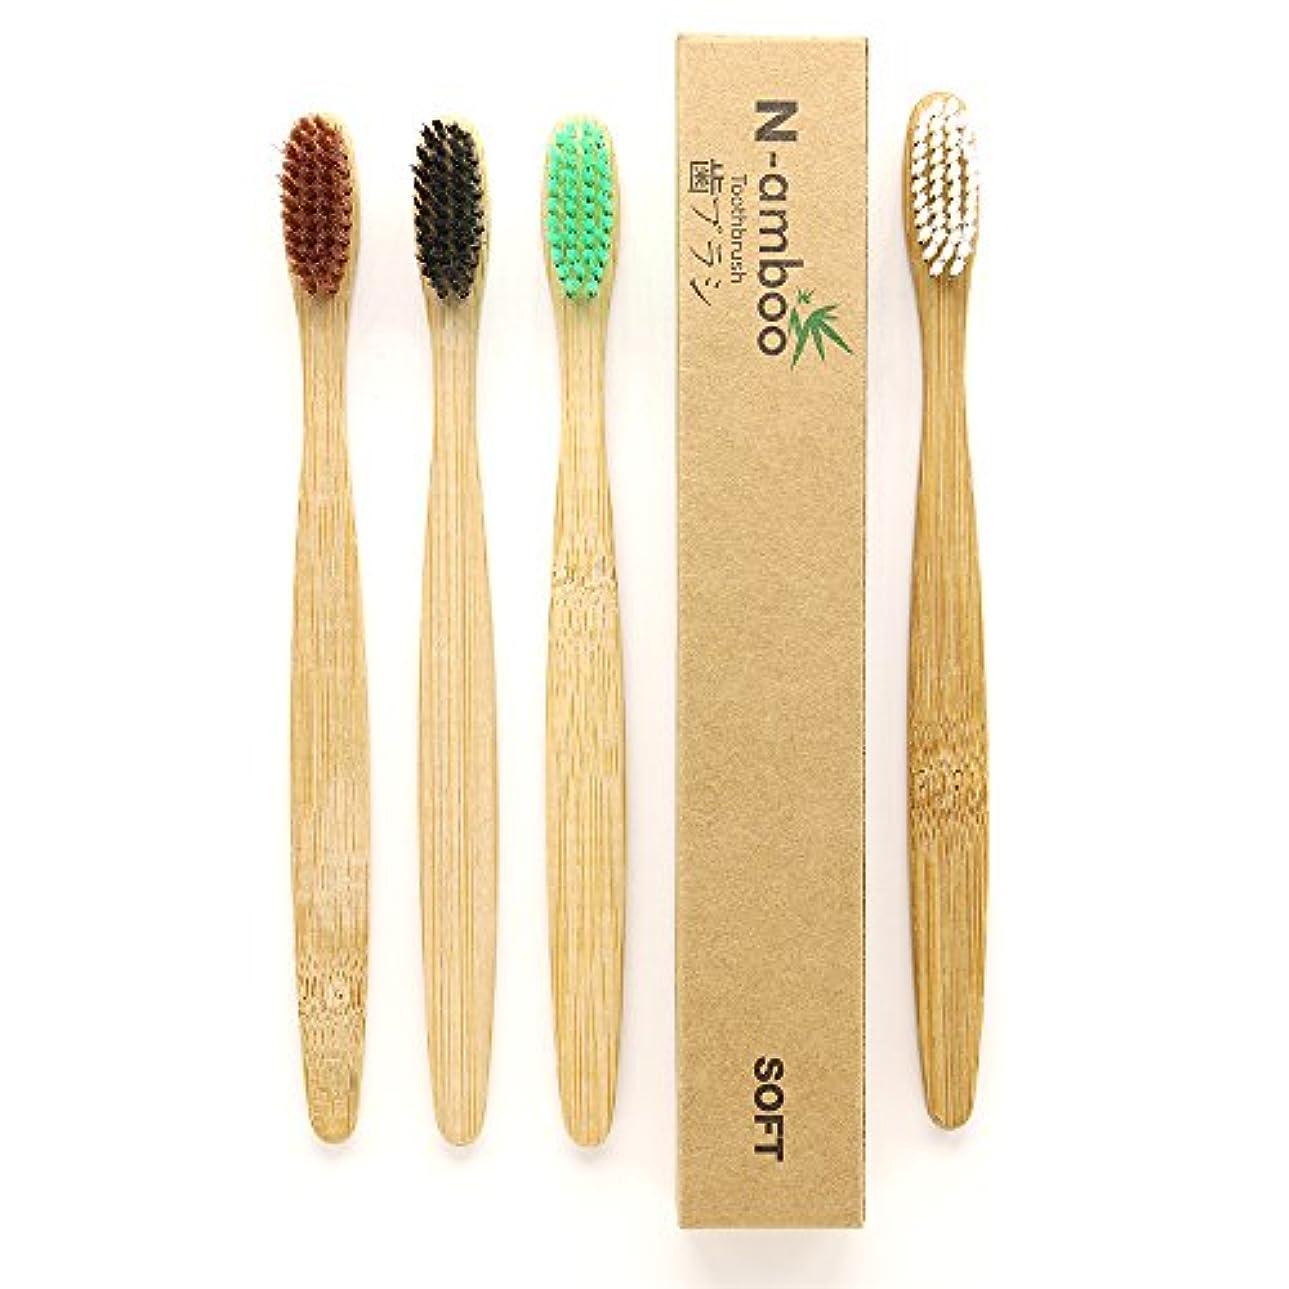 アンプ貢献する腐ったN-amboo 竹製耐久度高い 歯ブラシ 4本入り(4色各1本)